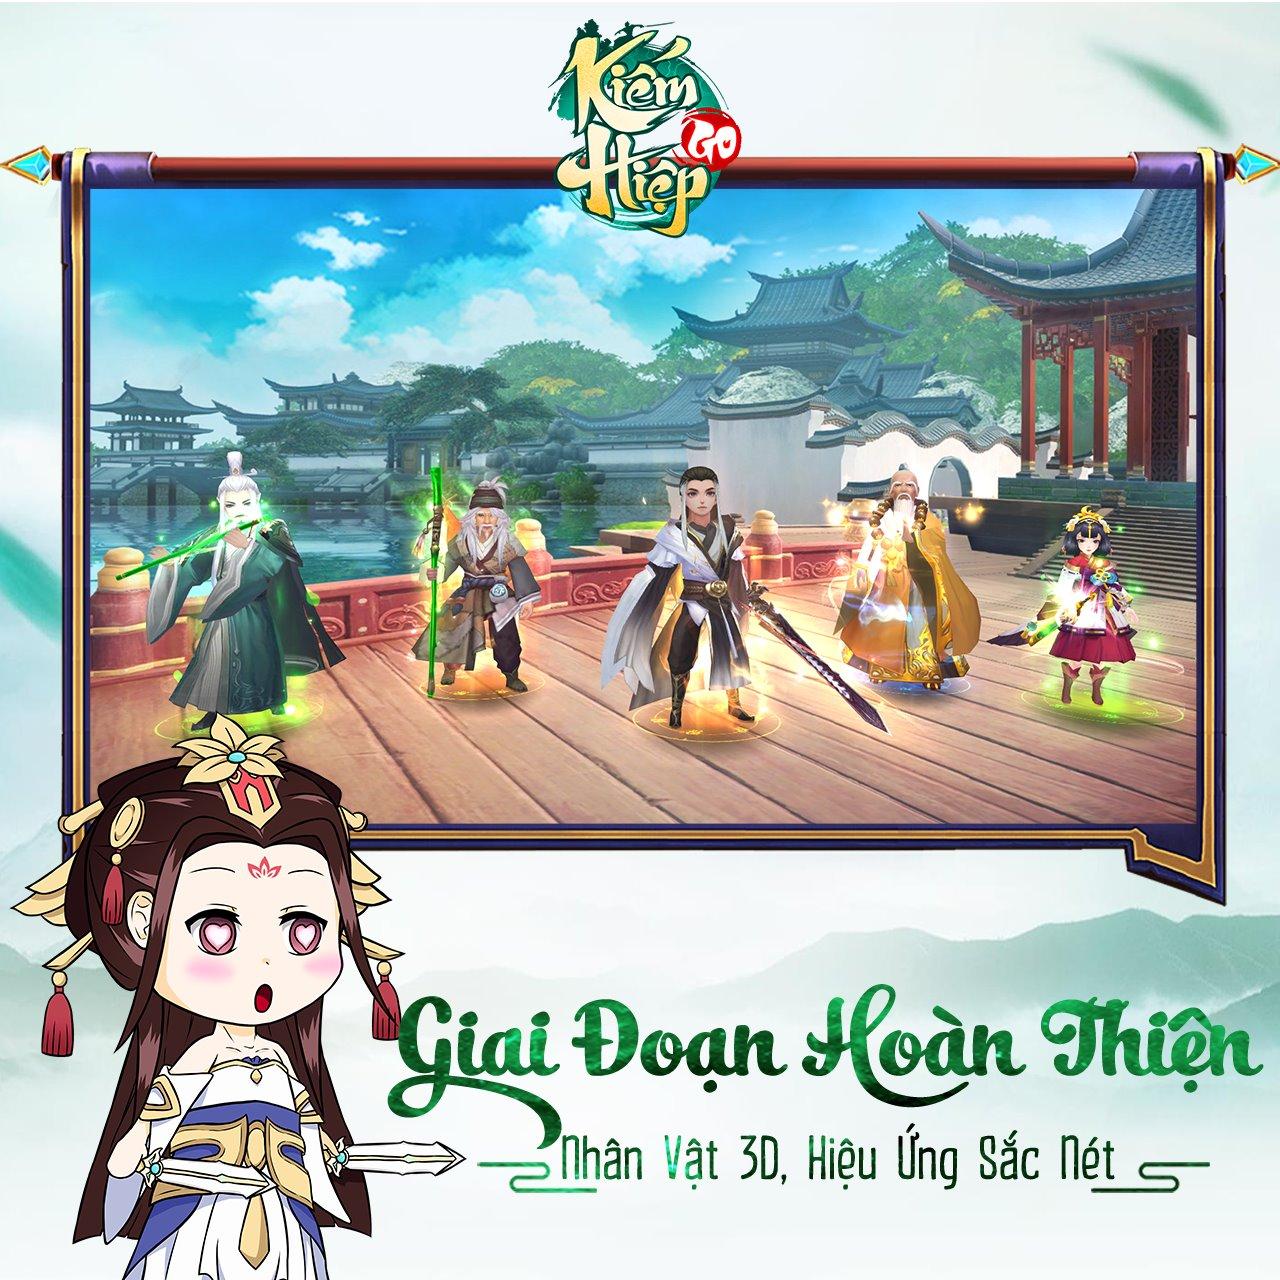 Phục vụ duy nhất thị trường Việt, Kiếm Hiệp GO được đặt hàng những gì để trở thành game chiến thuật Kim Dung chuẩn vị nhất trước nay? - Ảnh 8.